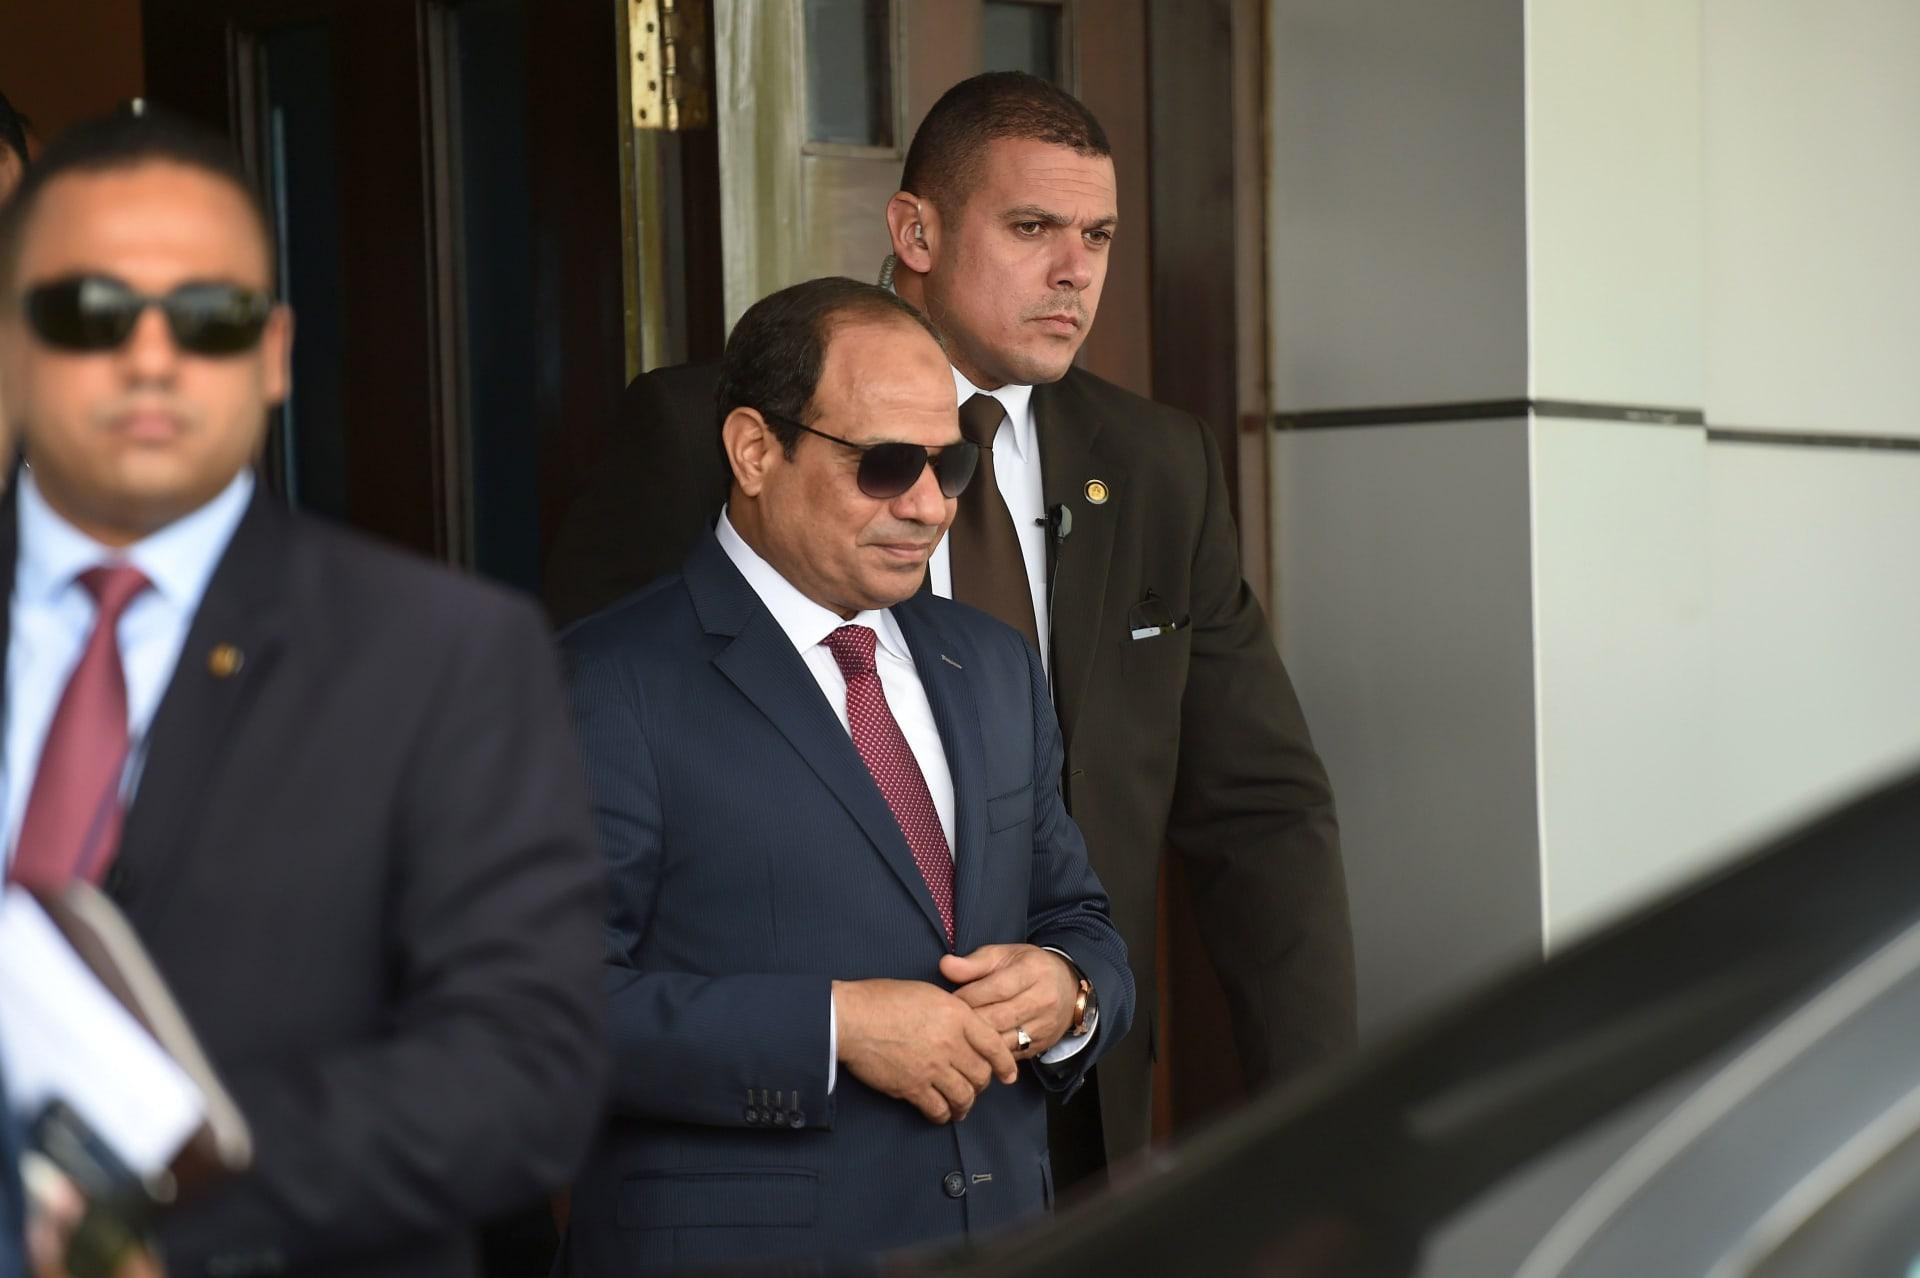 رسائل متبادلة بين السيسي وأمير قطر في استقبال الرئيس المصري لوزير خارجية الدوحة